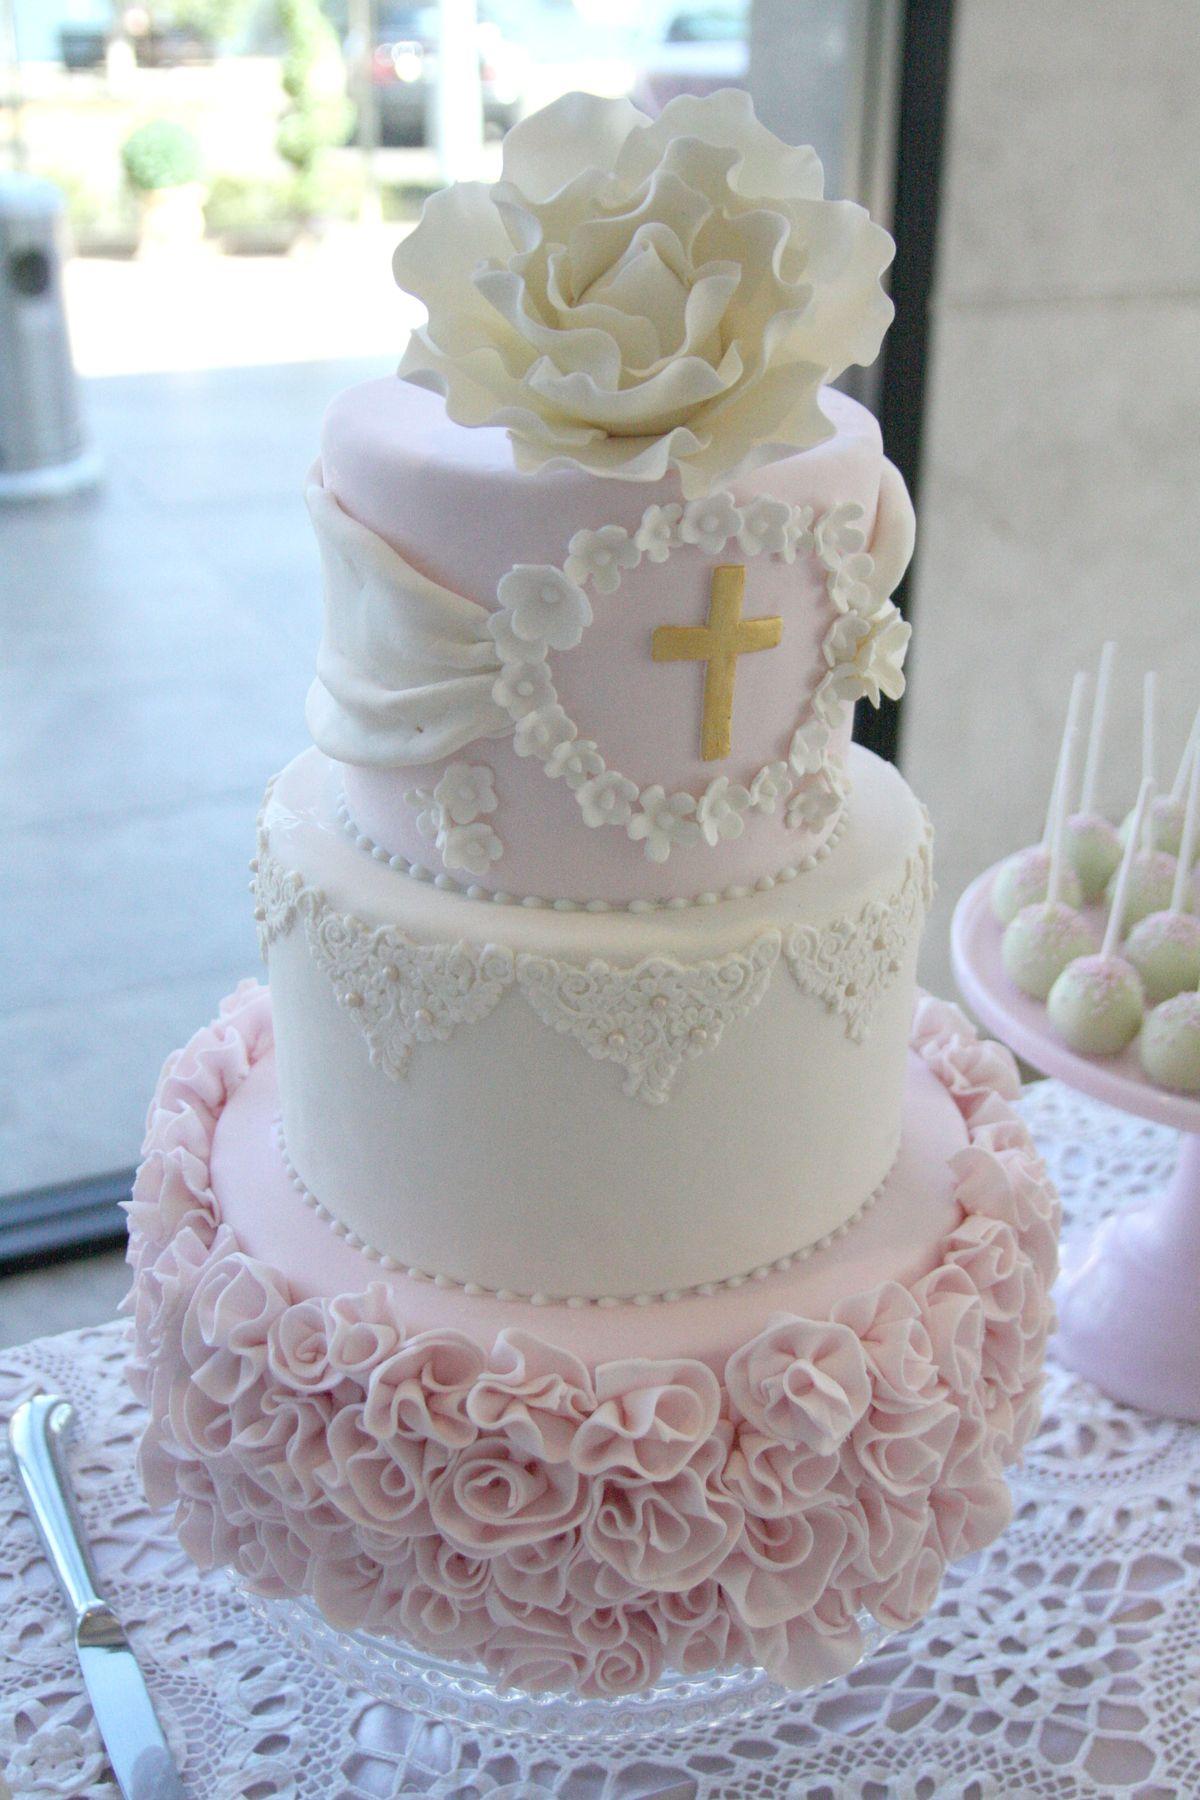 Order Birthday Cake Sydney